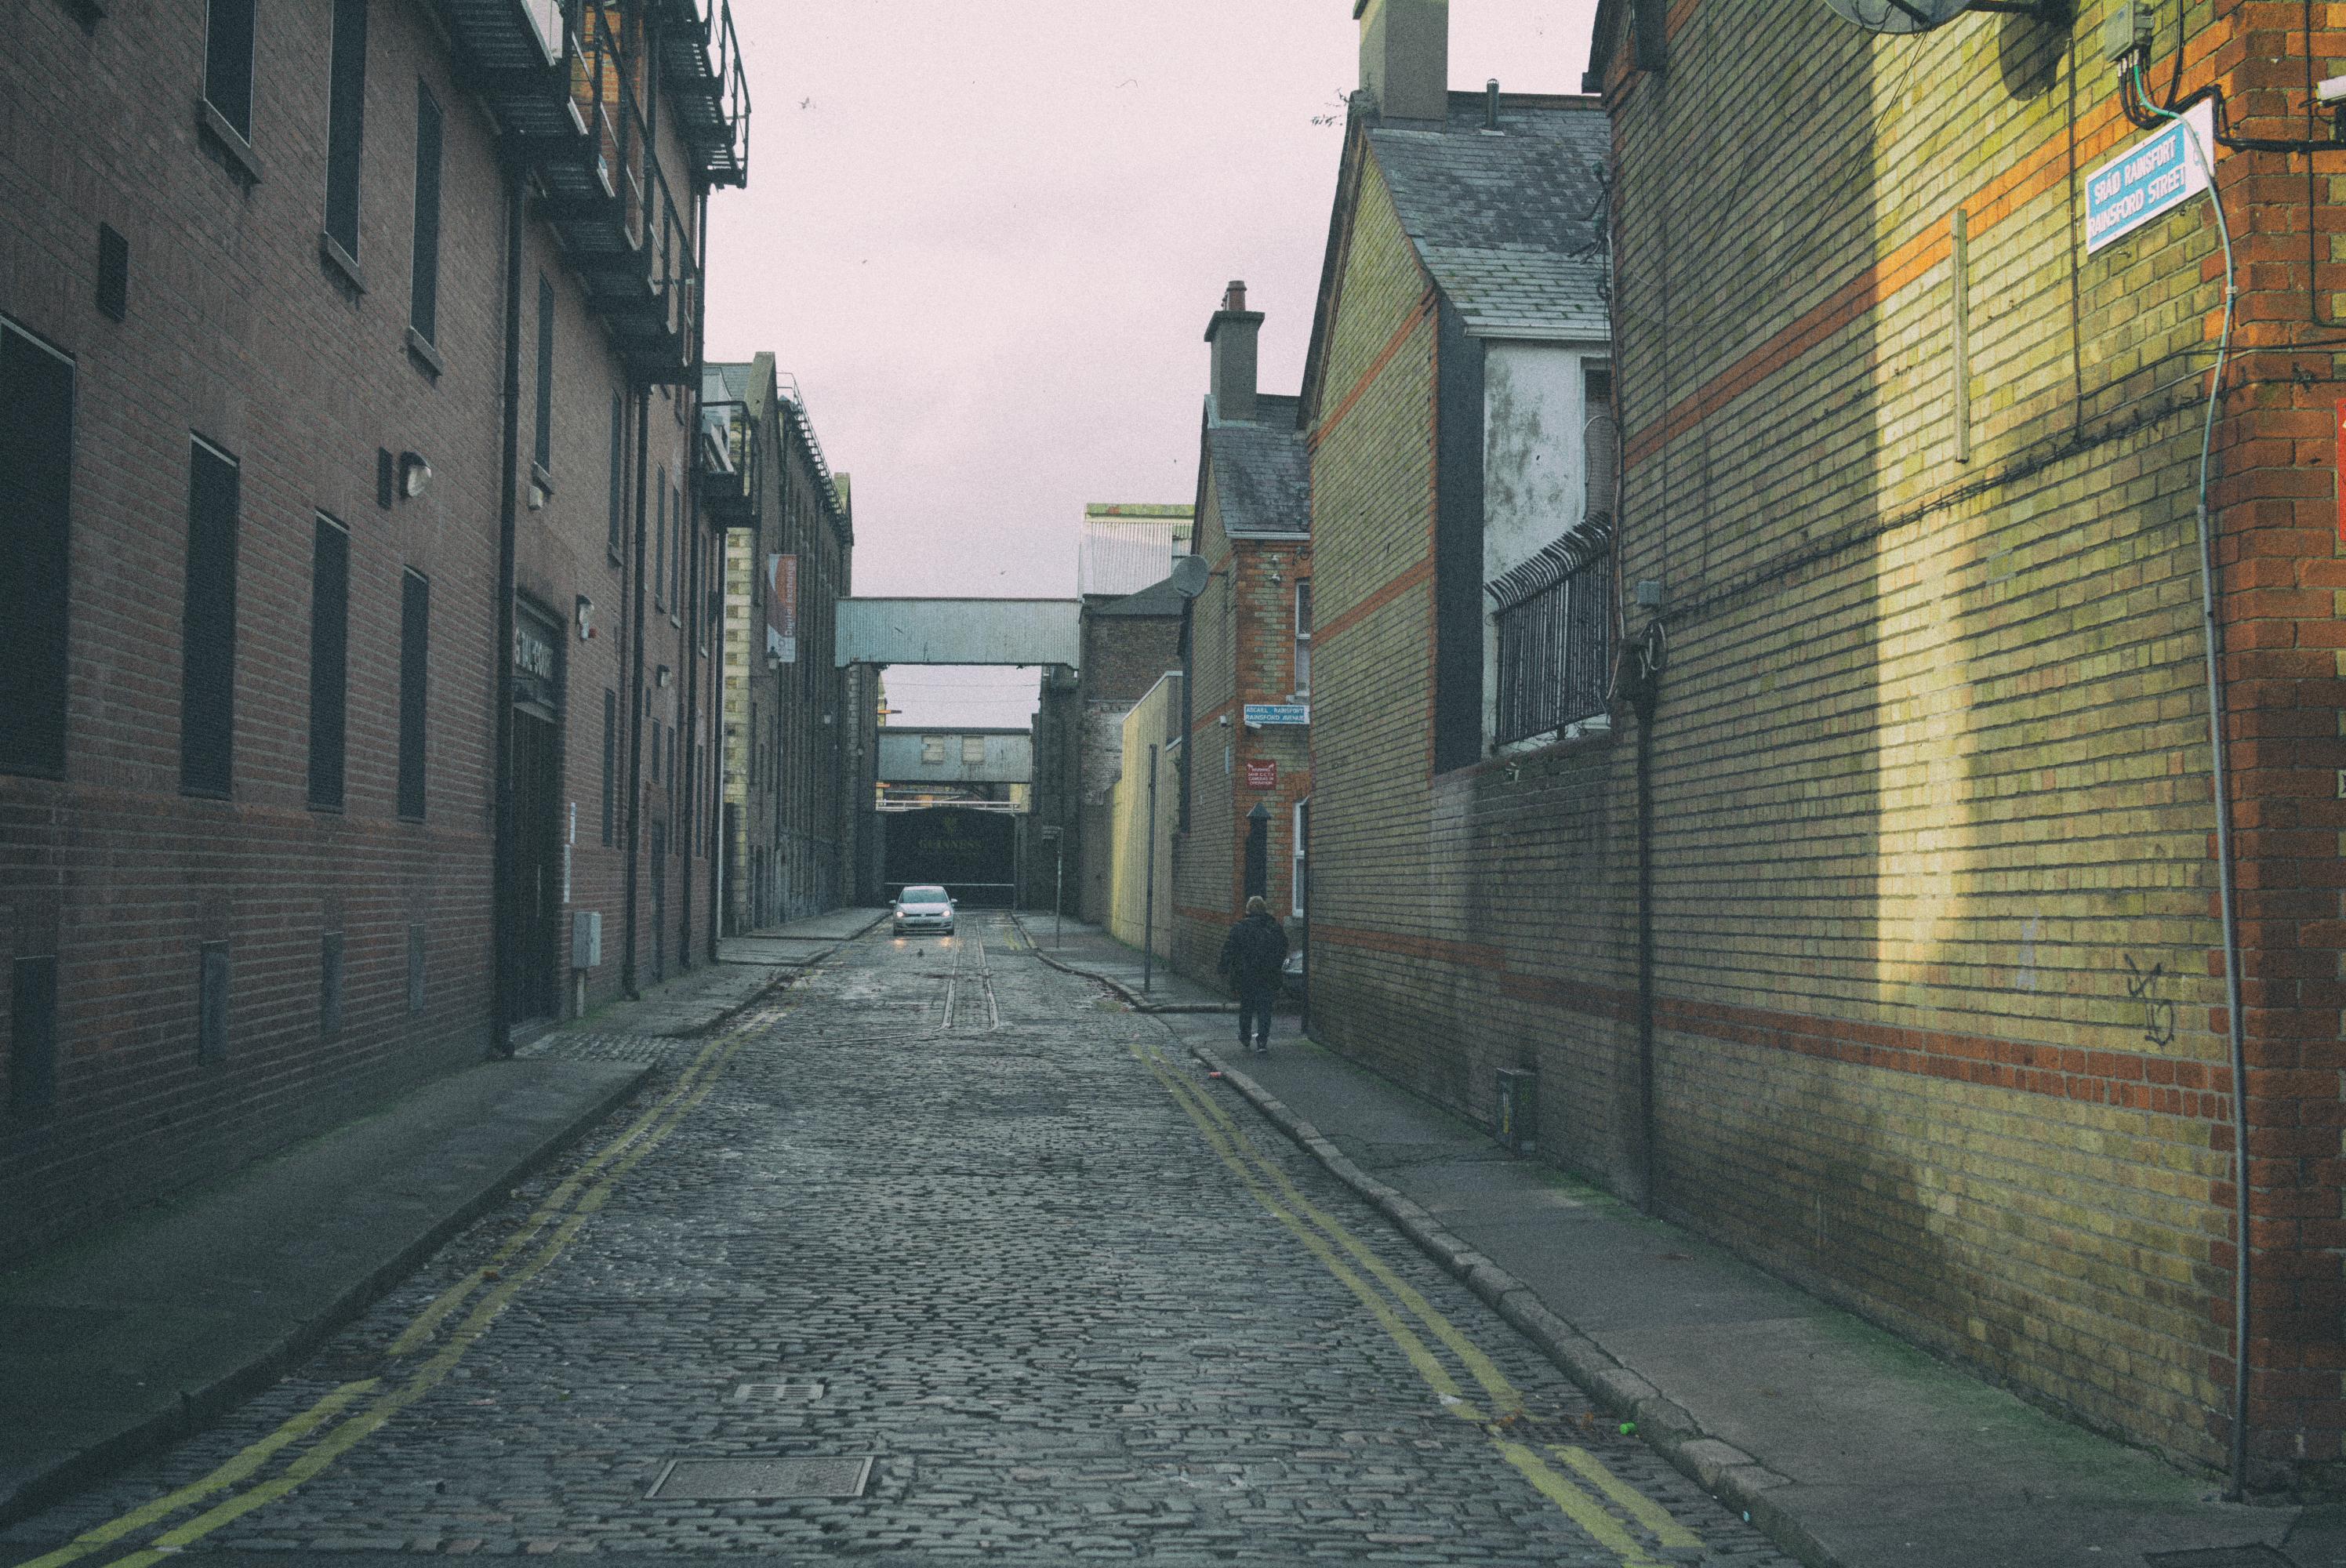 St. James's Gate Guinness Brewerey